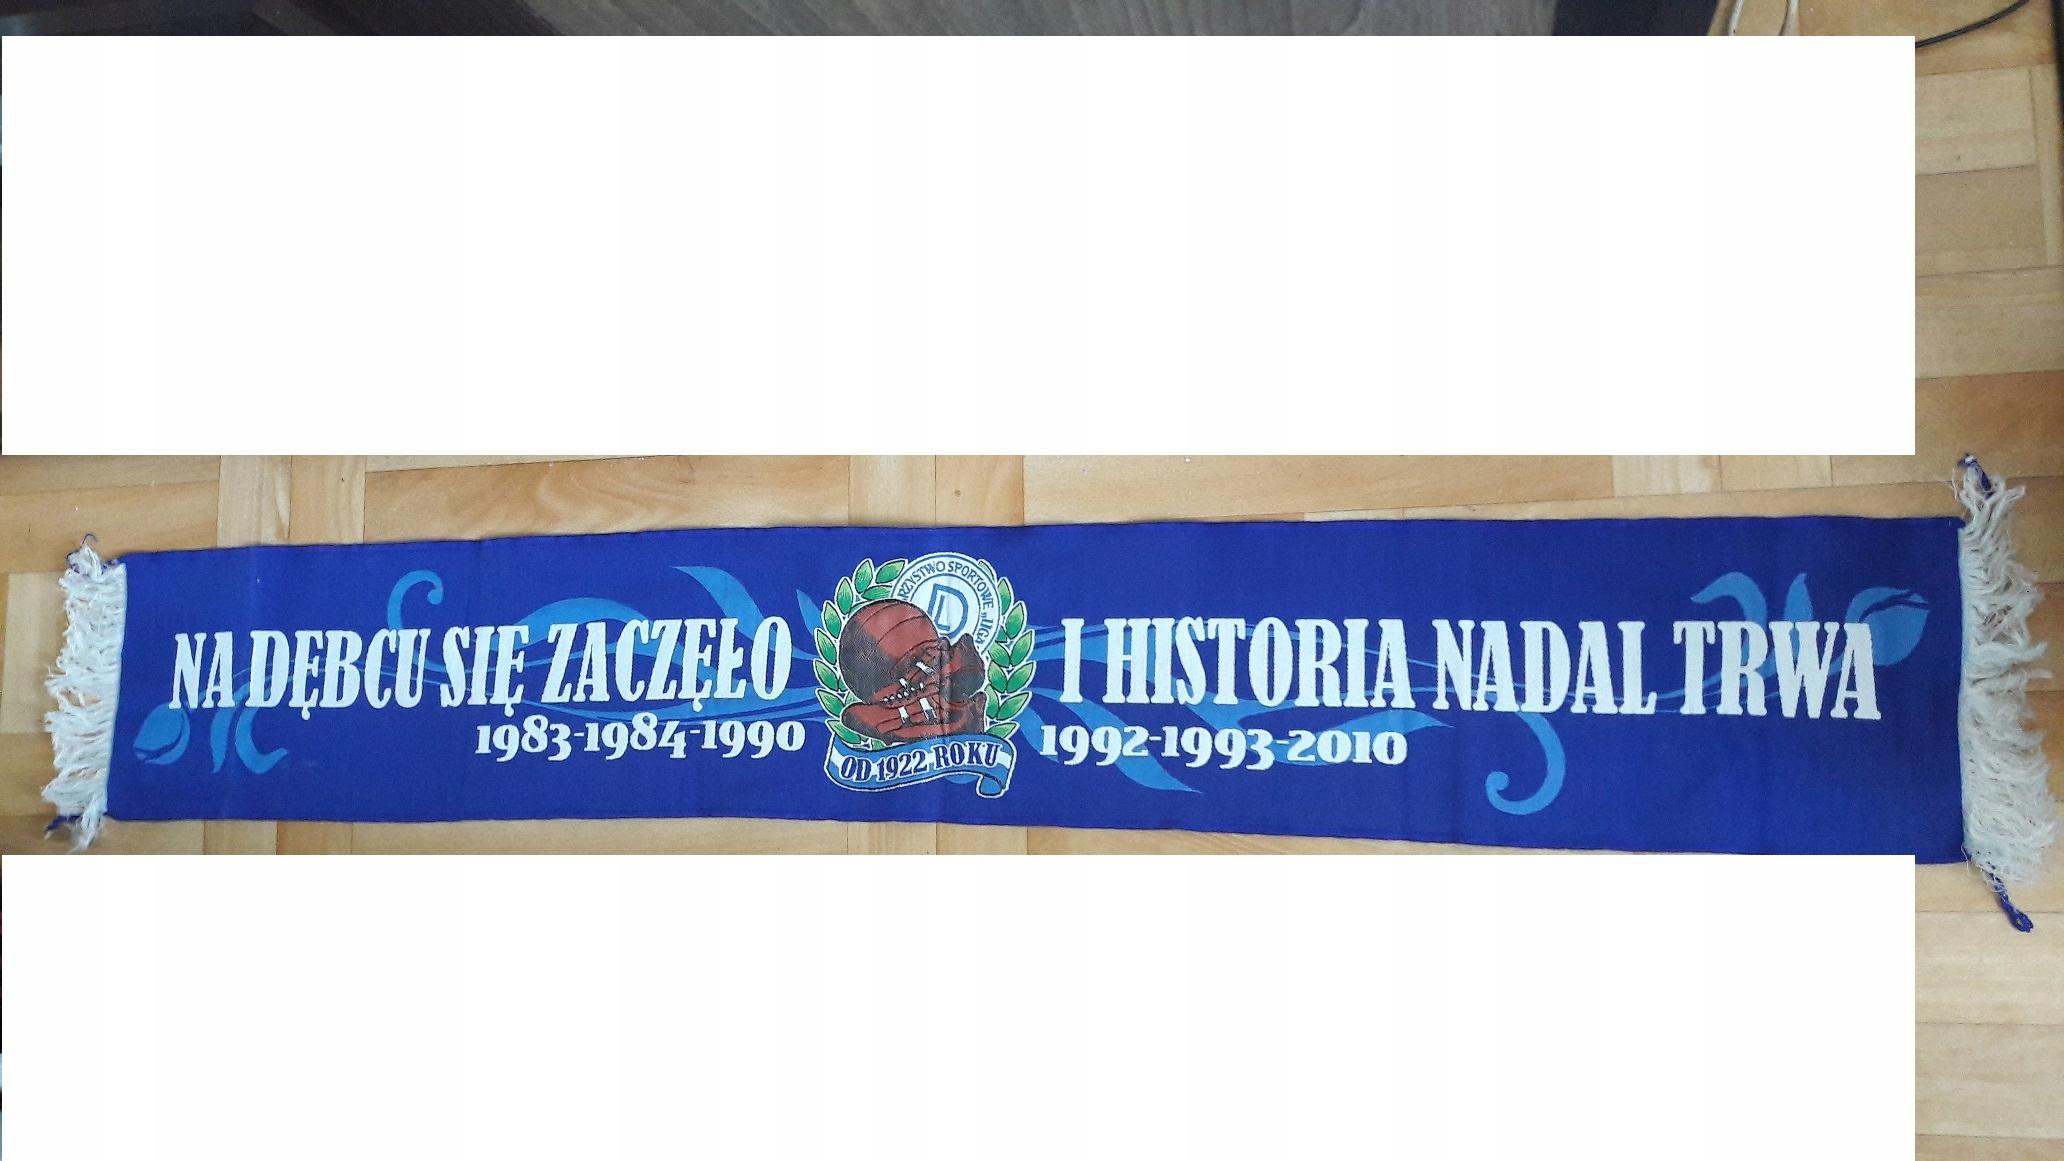 Szalik unikat Na Dębcu sie zaczelo.. Lech Poznań